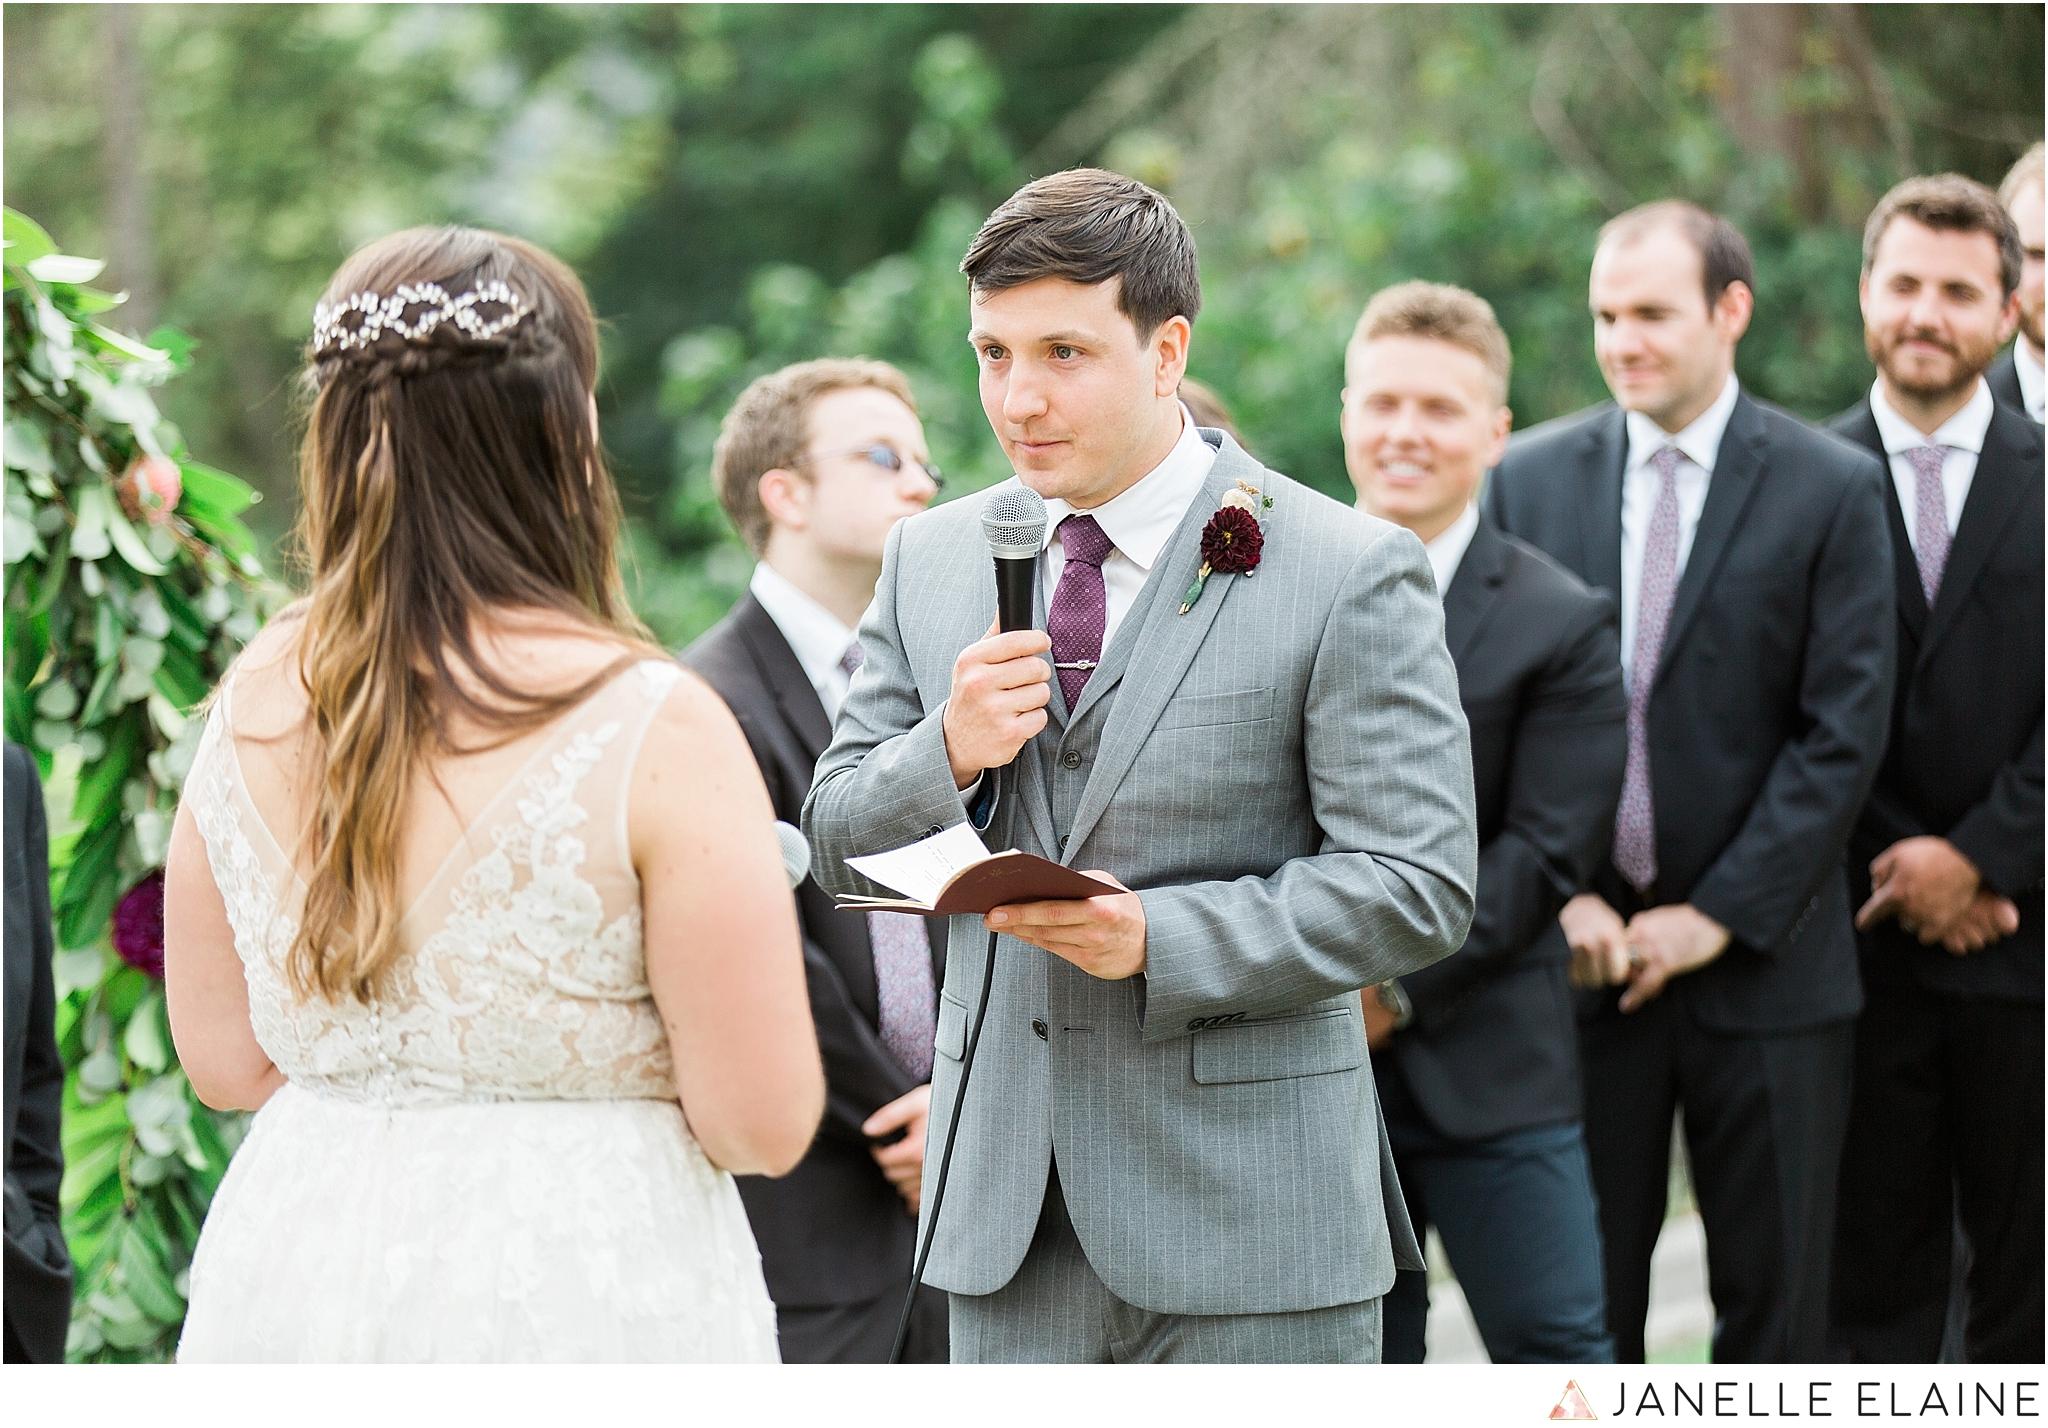 seattle-portrait-engagement-wedding-photographer-janelle-elaine-photography-62.jpg